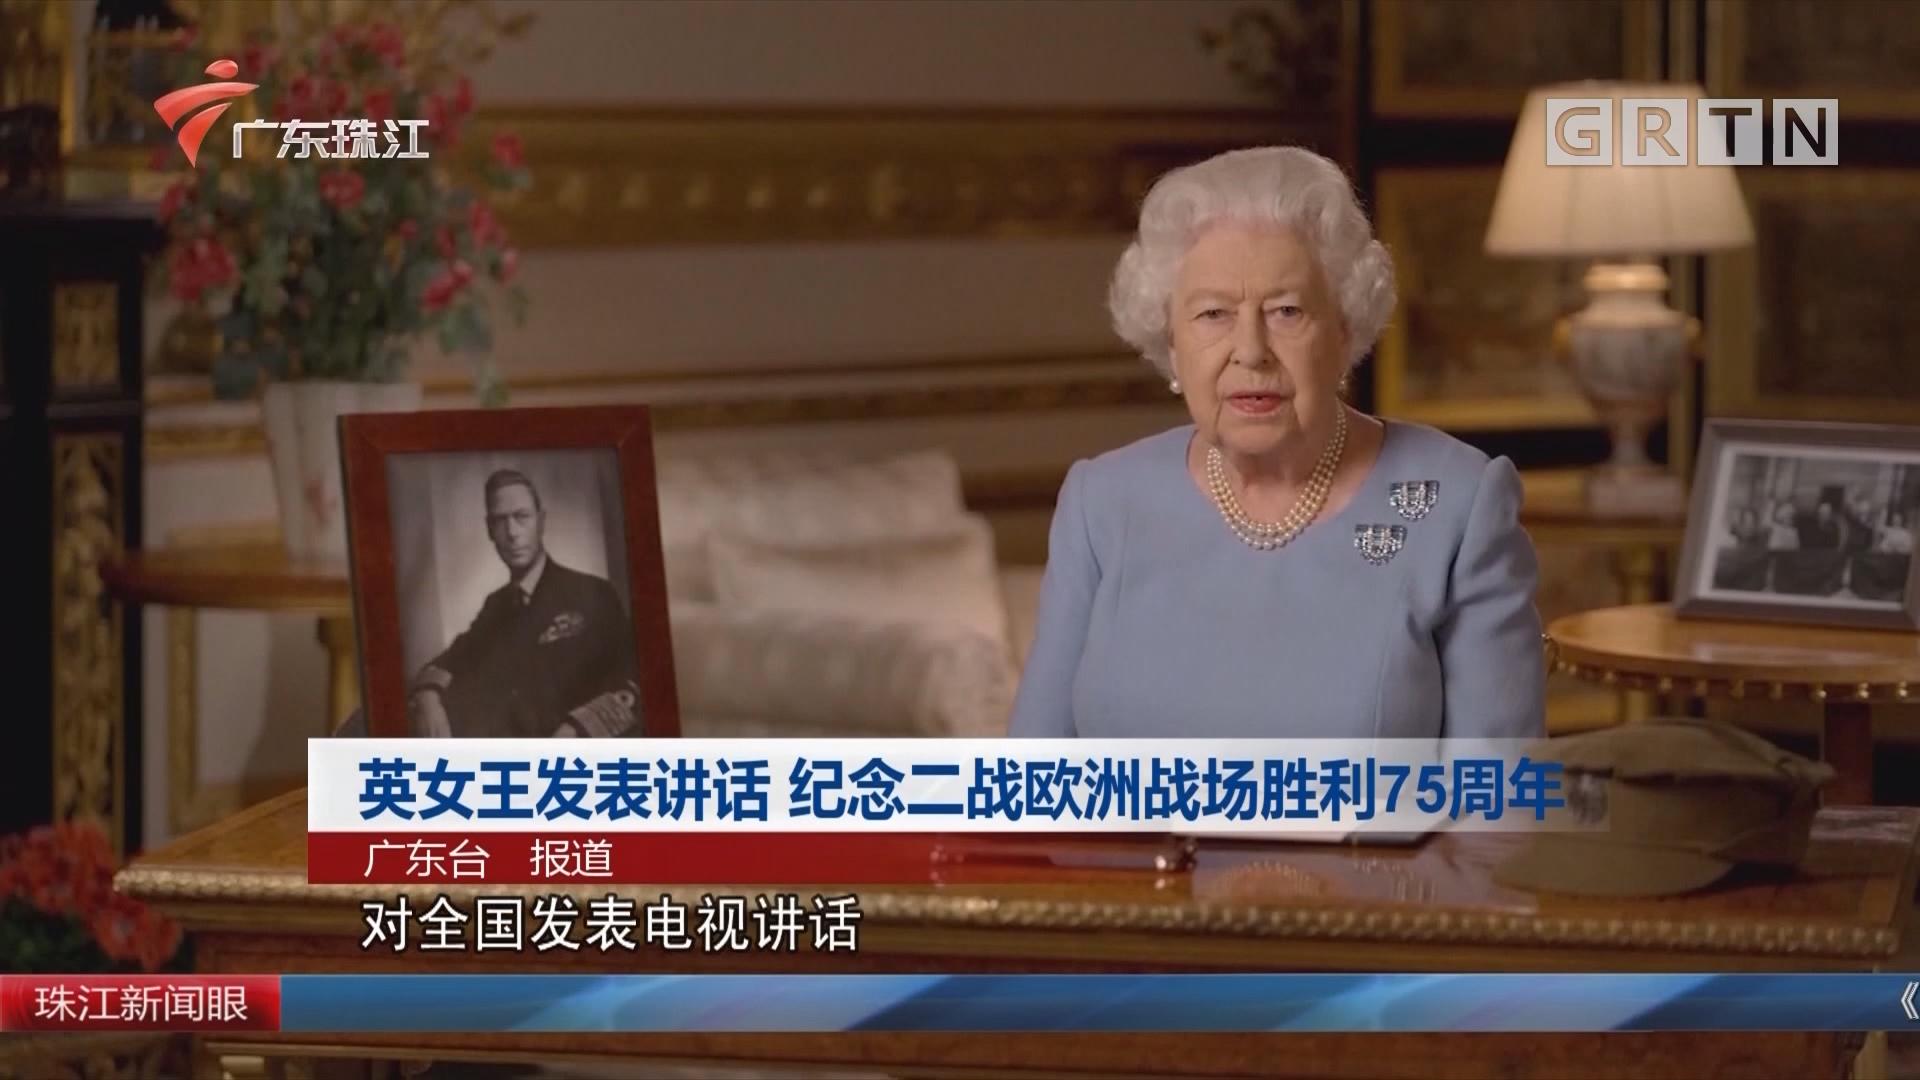 英女王發表講話 紀念二戰歐洲戰場勝利75周年